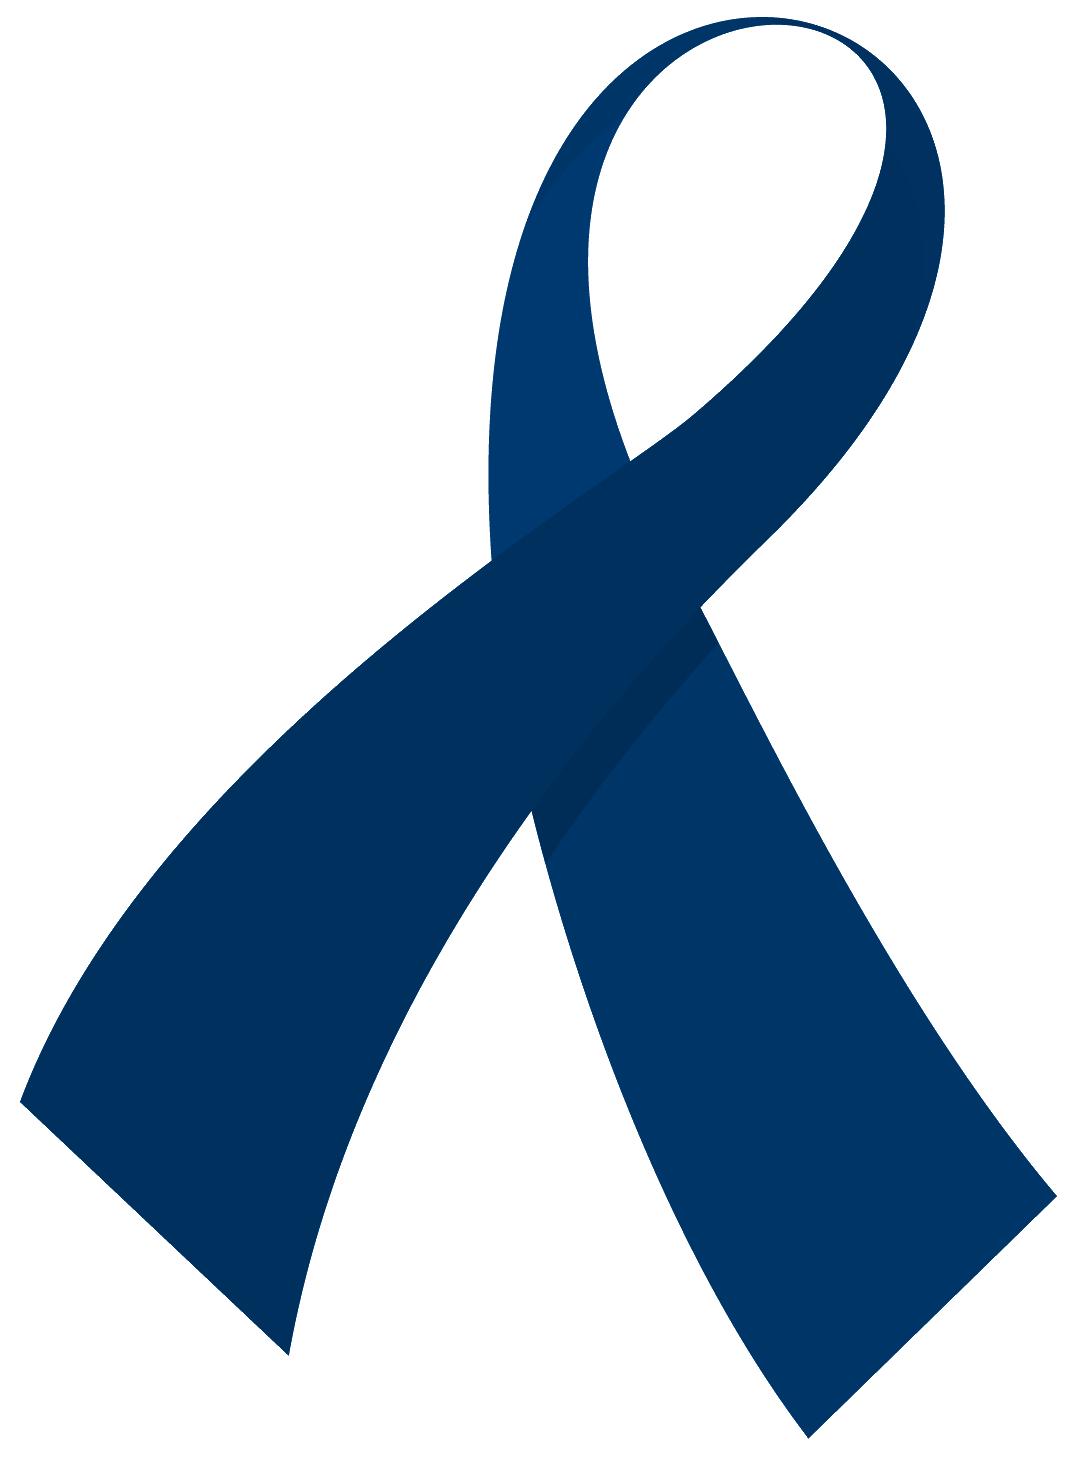 Ribbon vector png. Cancer clipart panda free